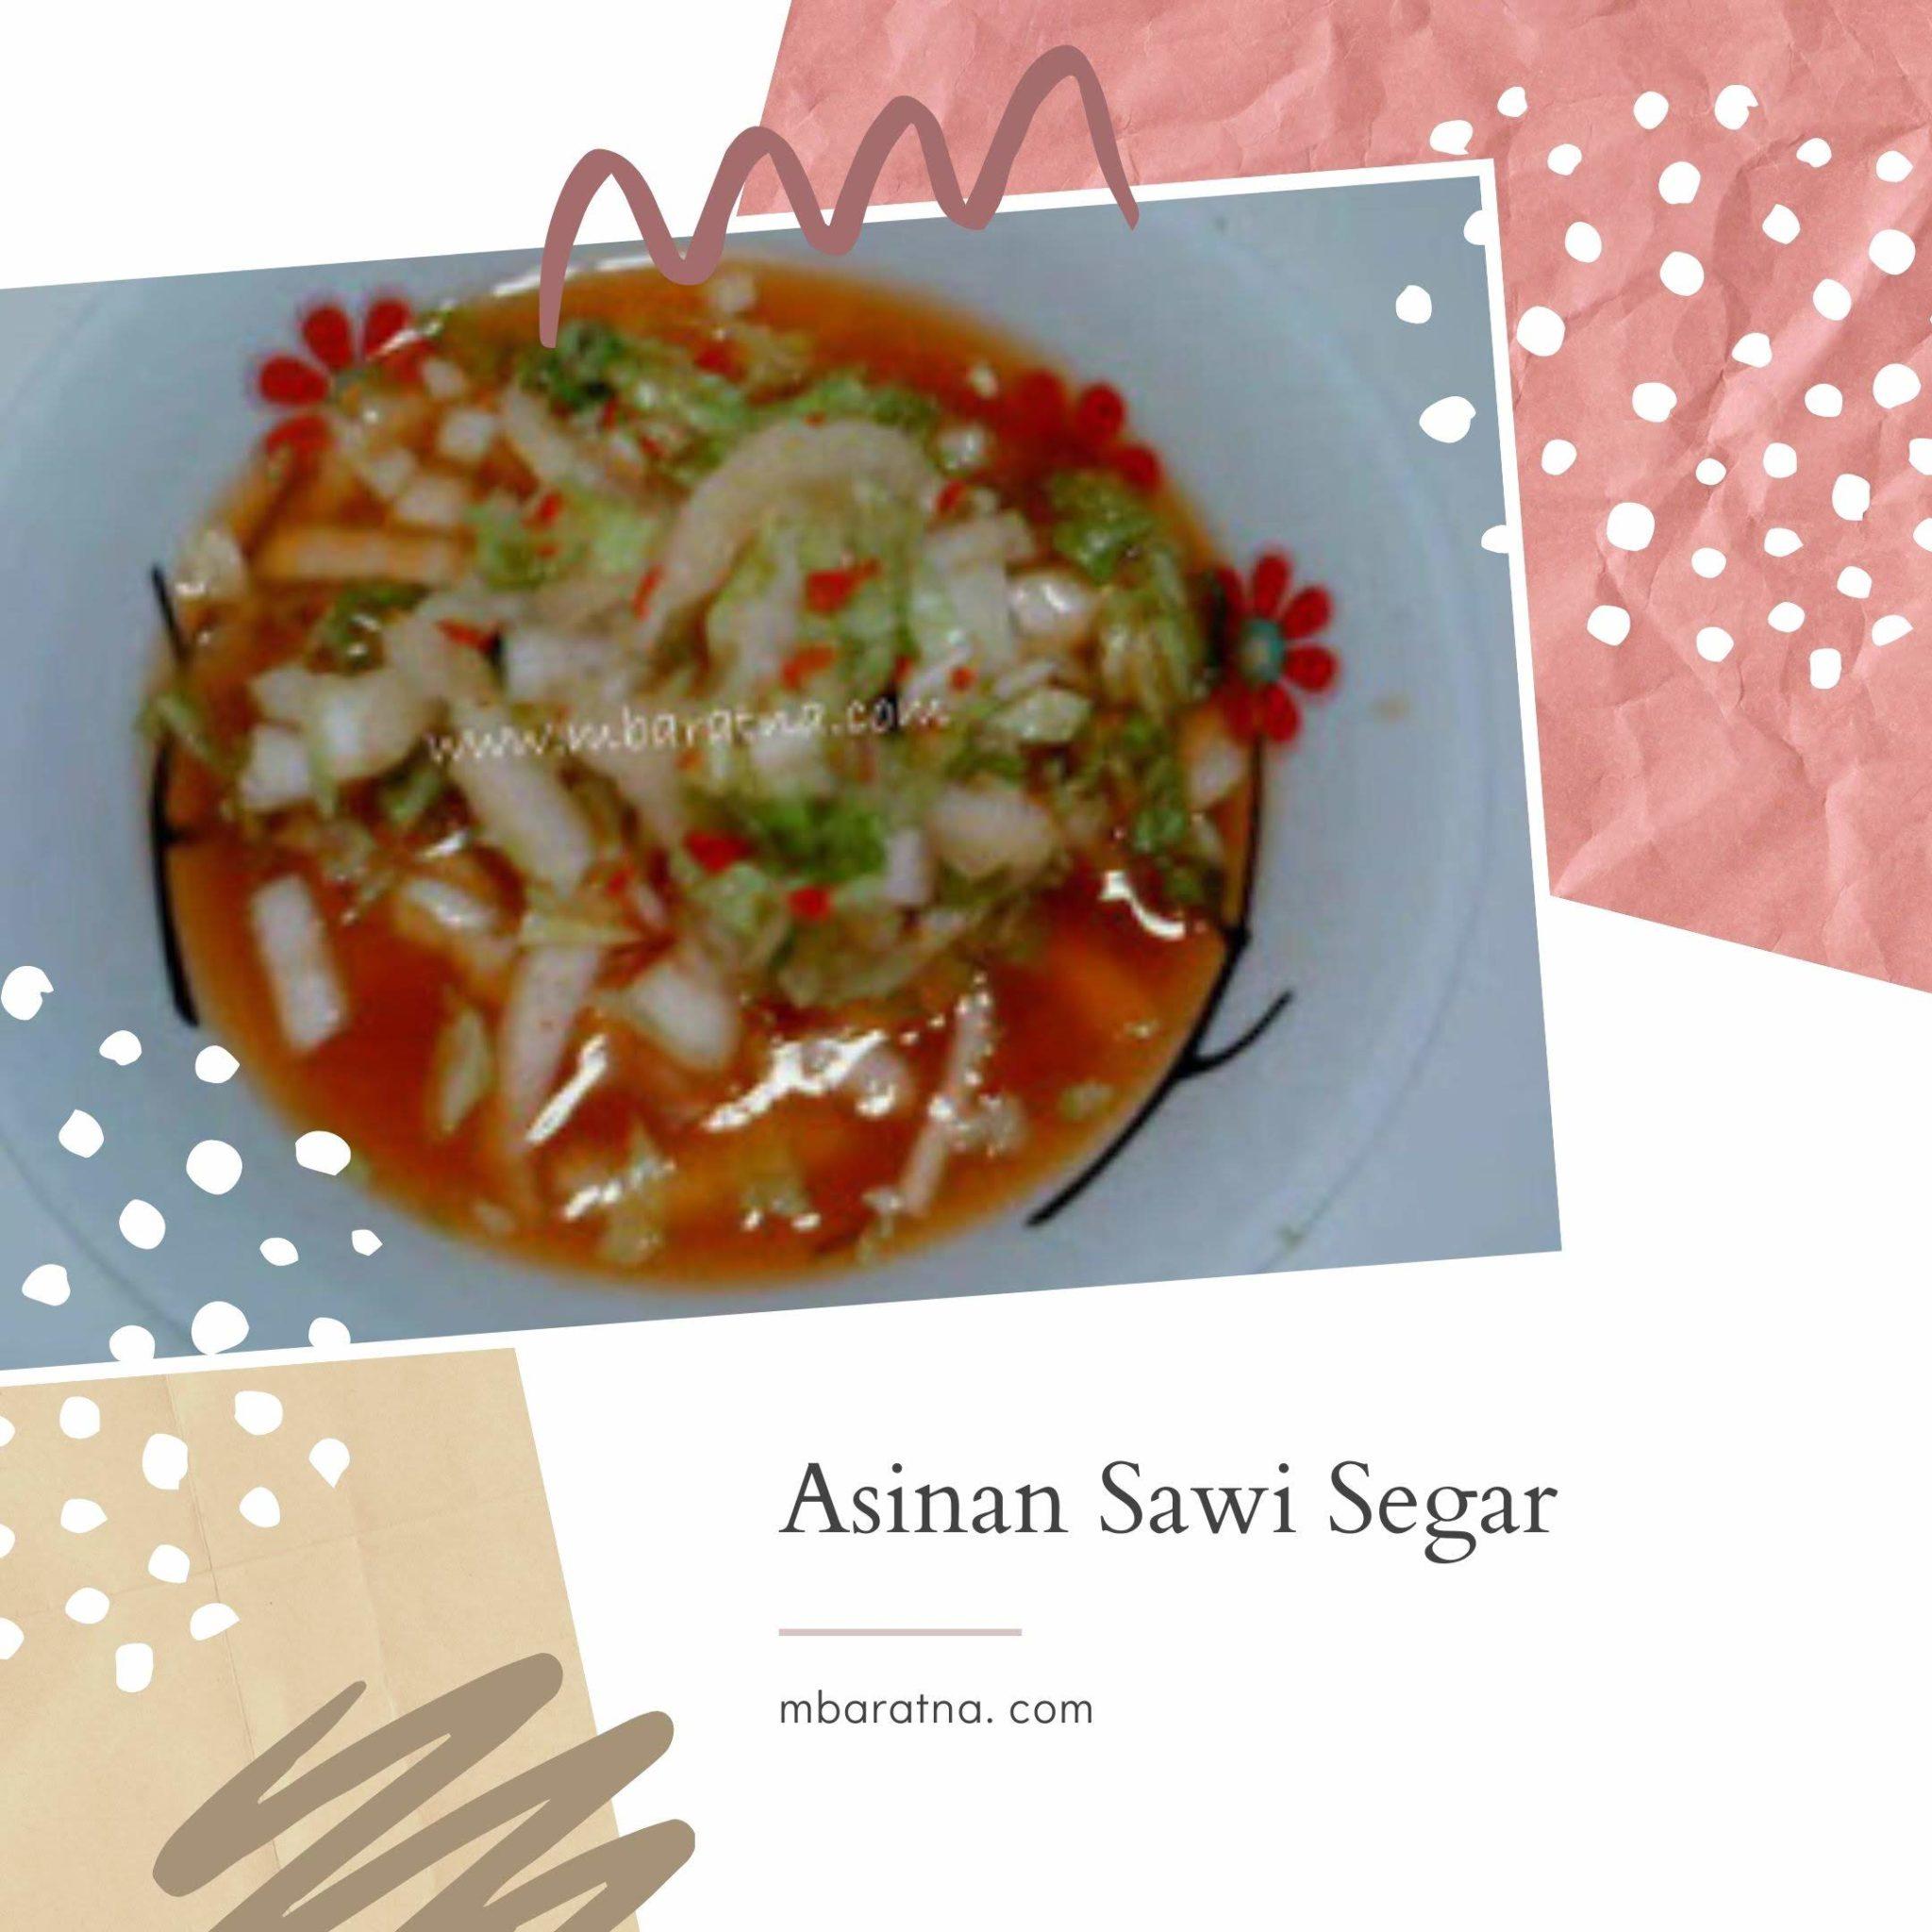 Asinan Sawi Segar